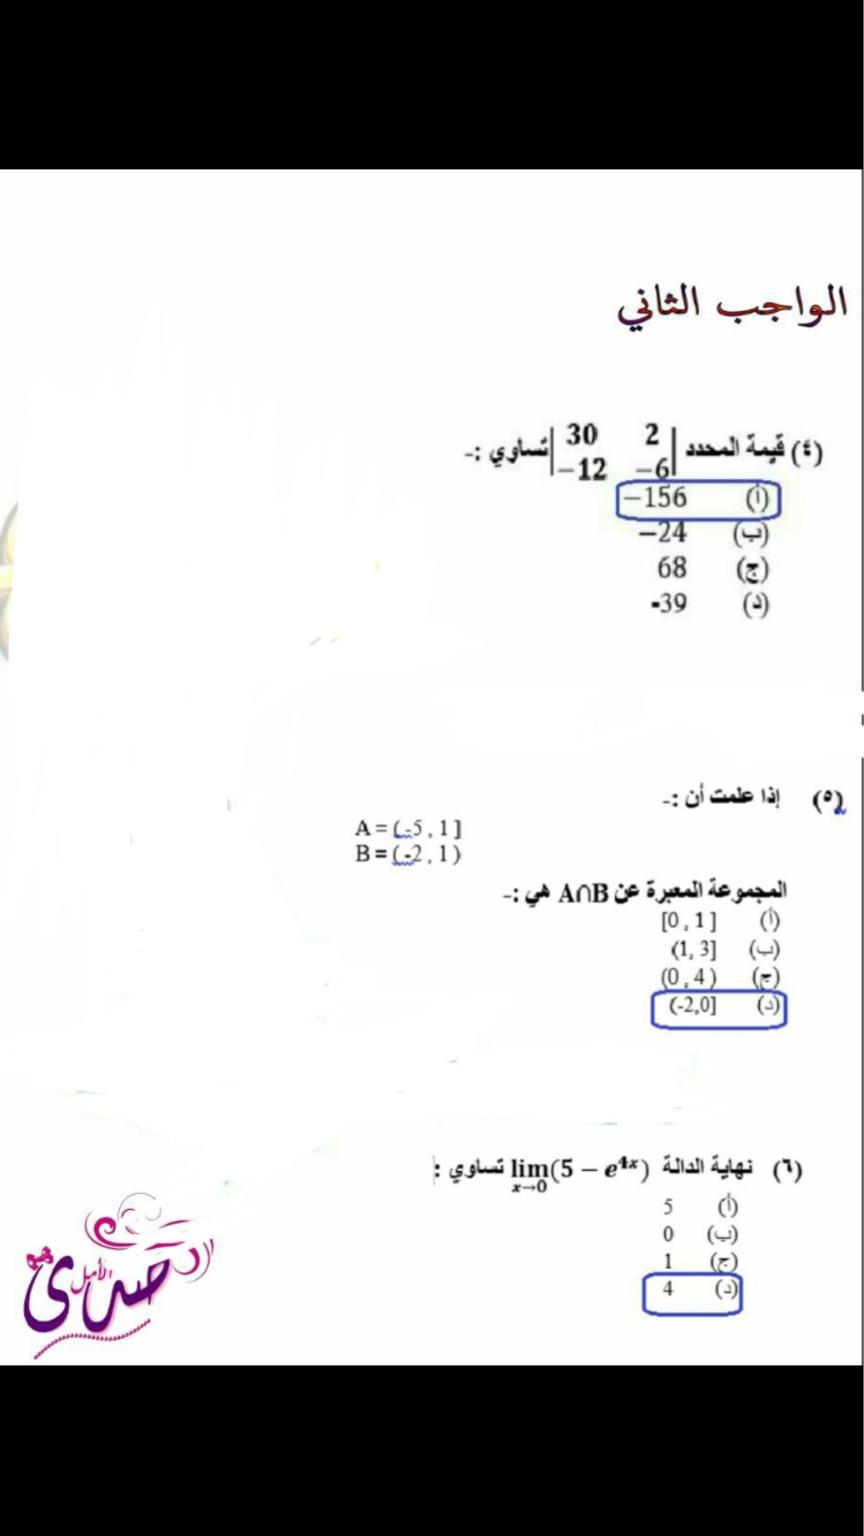 الواجب الثاني جميع مواد مستوى 4de7566bbf6b628a084f